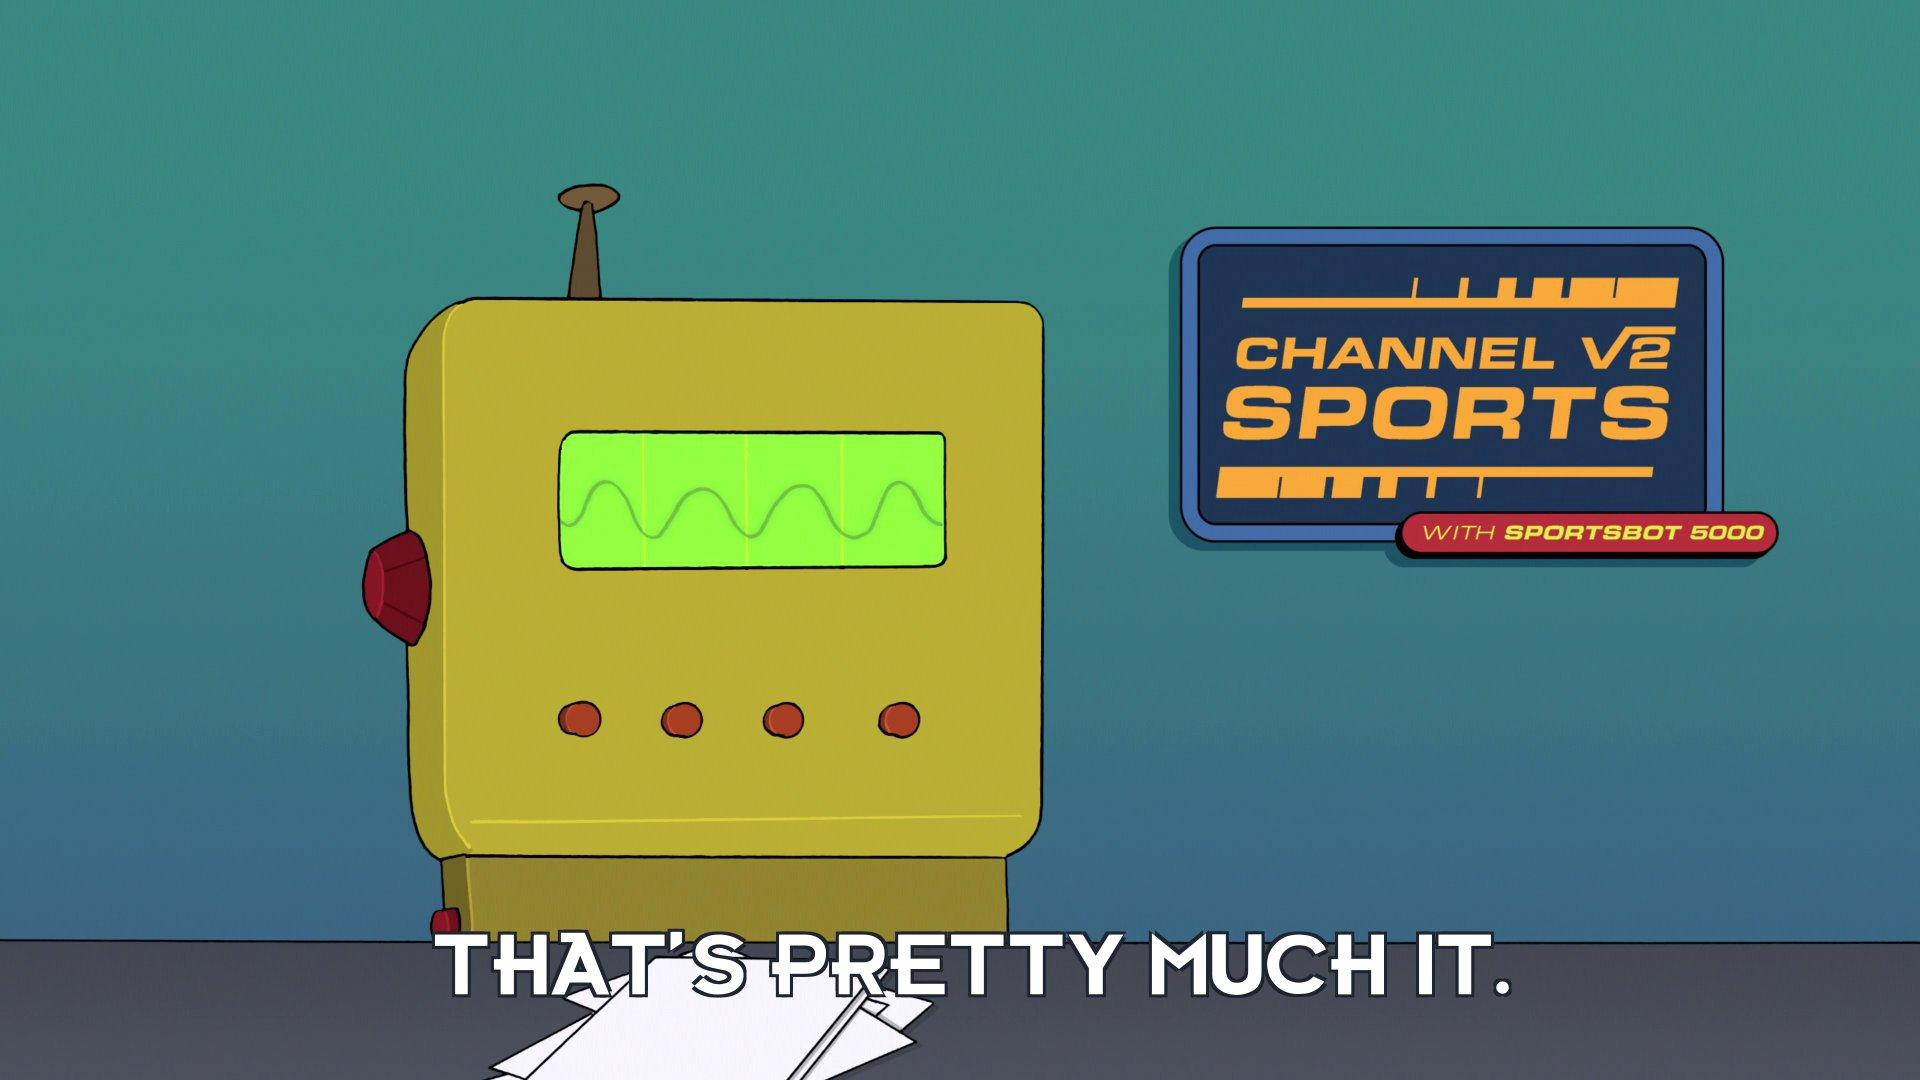 Sportsbot 5000: That's pretty much it.